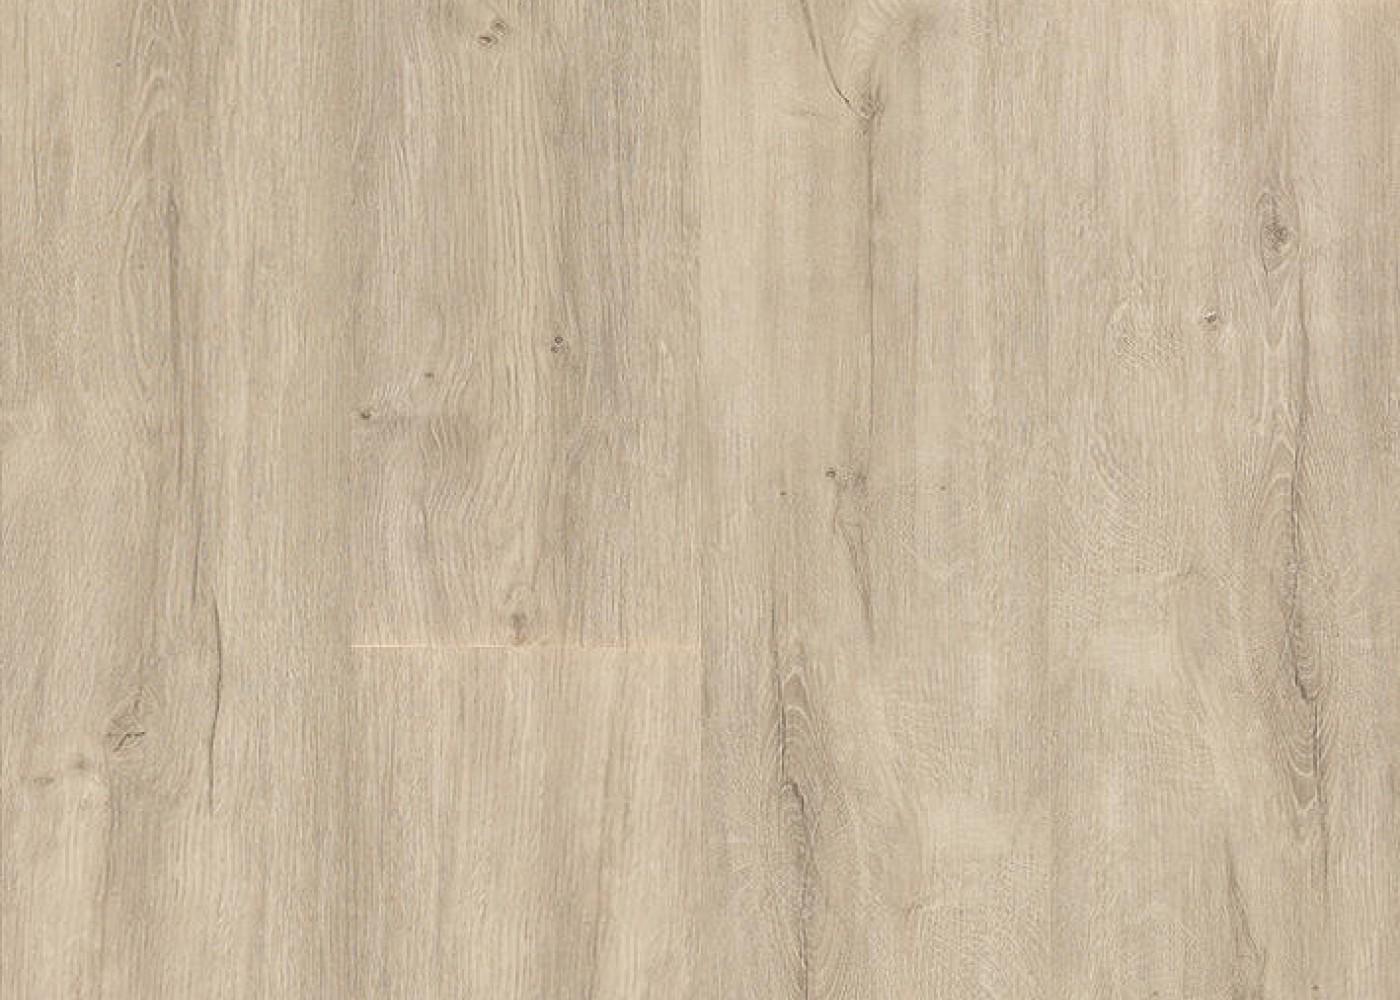 Vinyle rigide Chêne Cap Blanc Nez passage commercial 4.5x225x1524